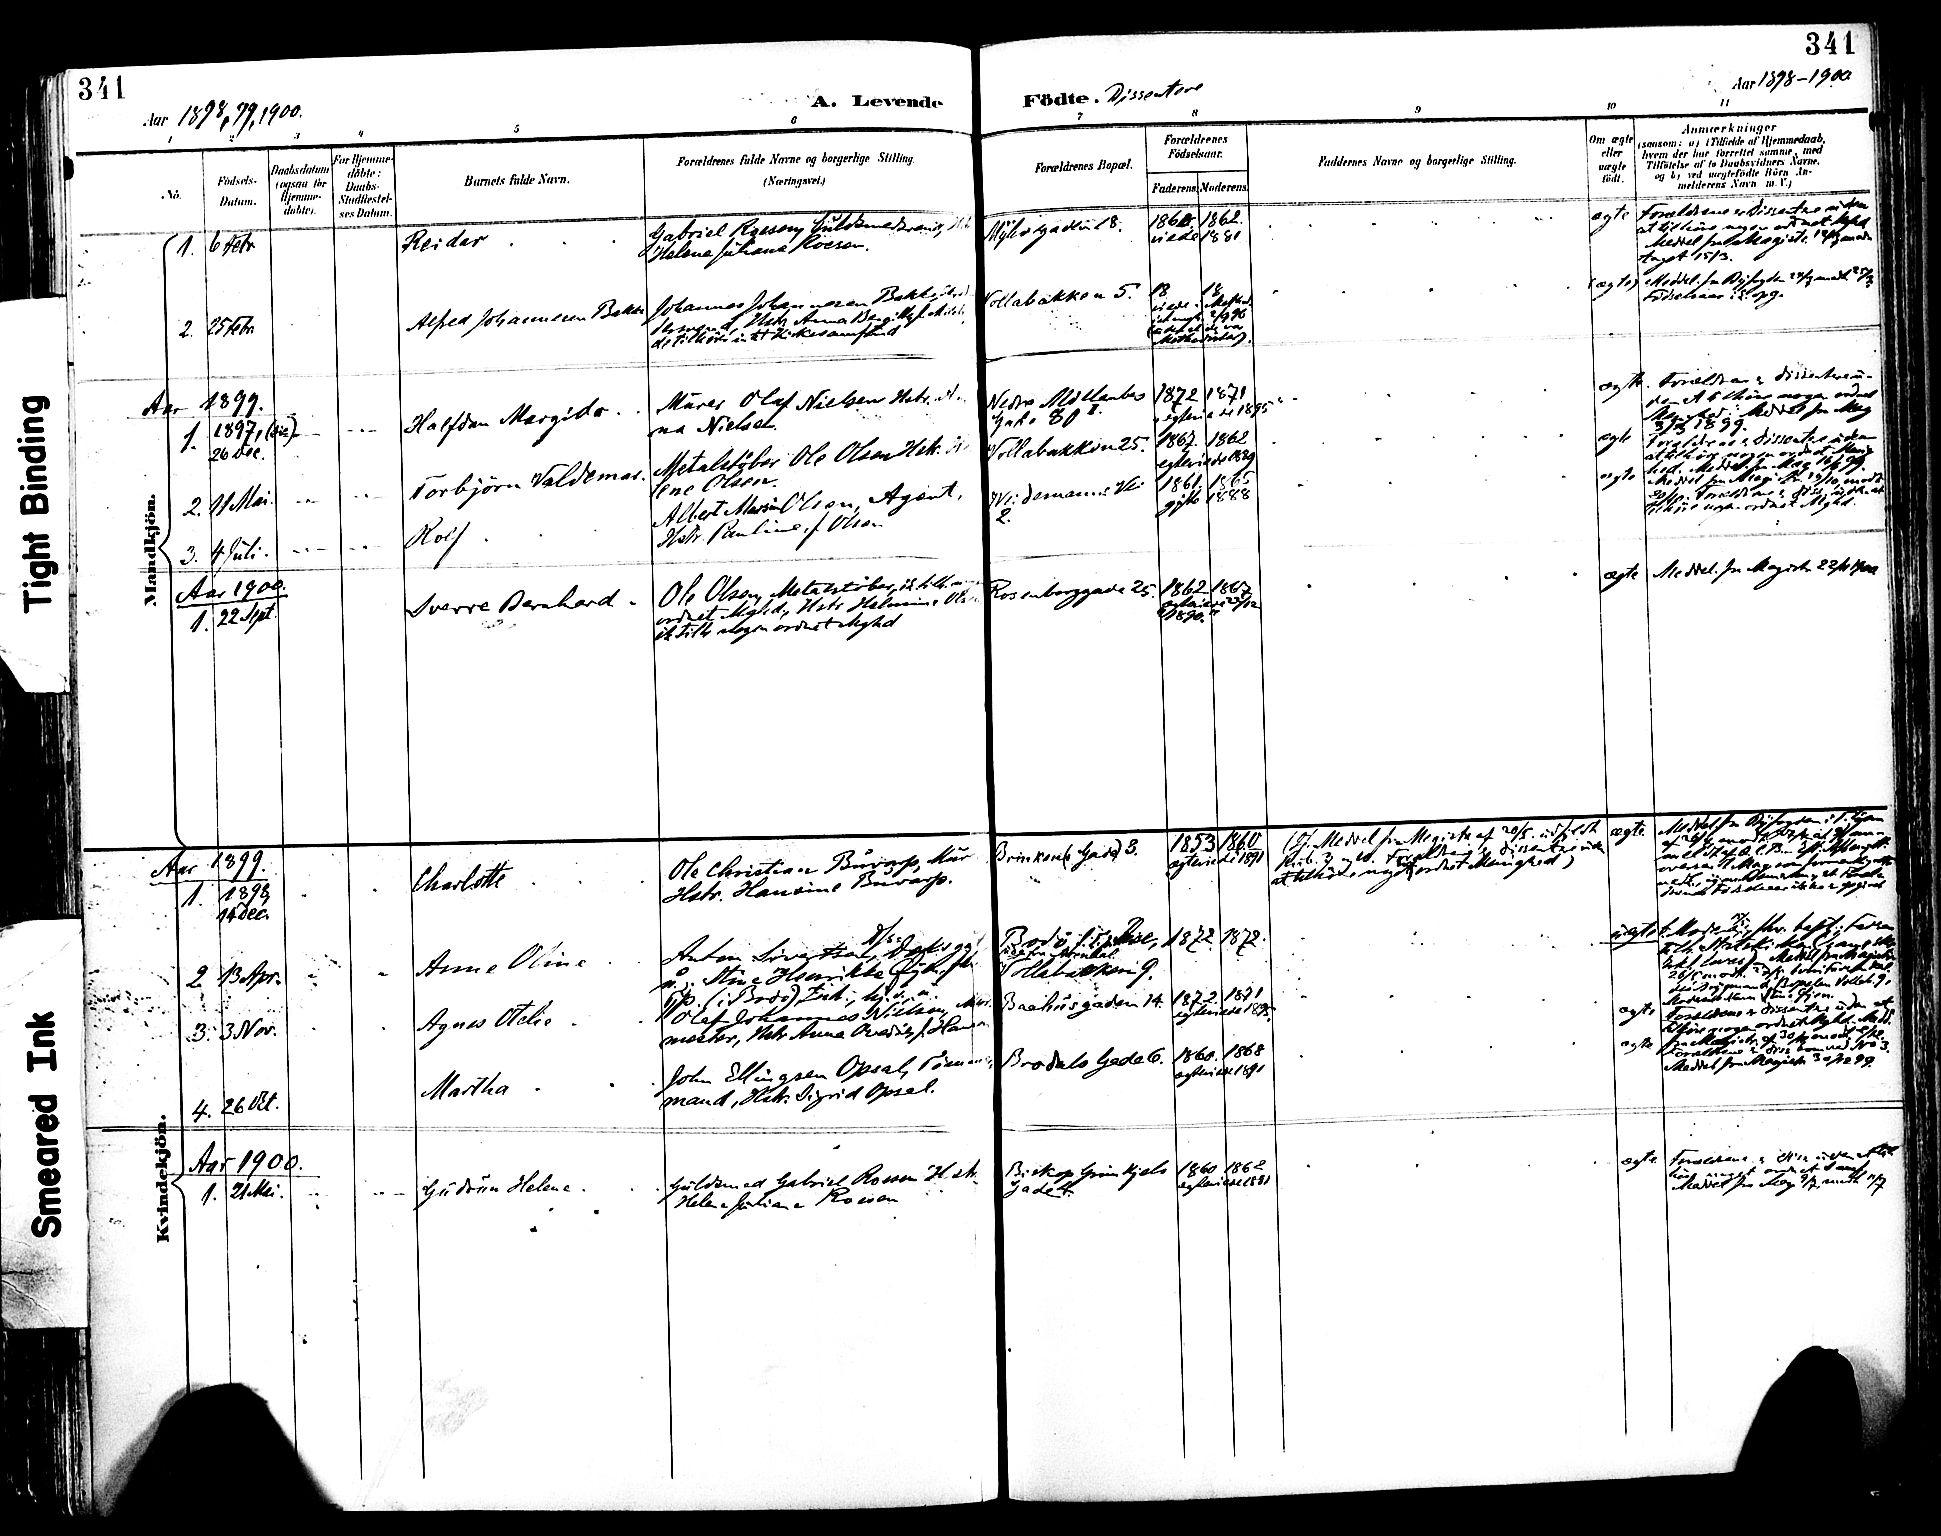 SAT, Ministerialprotokoller, klokkerbøker og fødselsregistre - Sør-Trøndelag, 604/L0197: Ministerialbok nr. 604A18, 1893-1900, s. 341